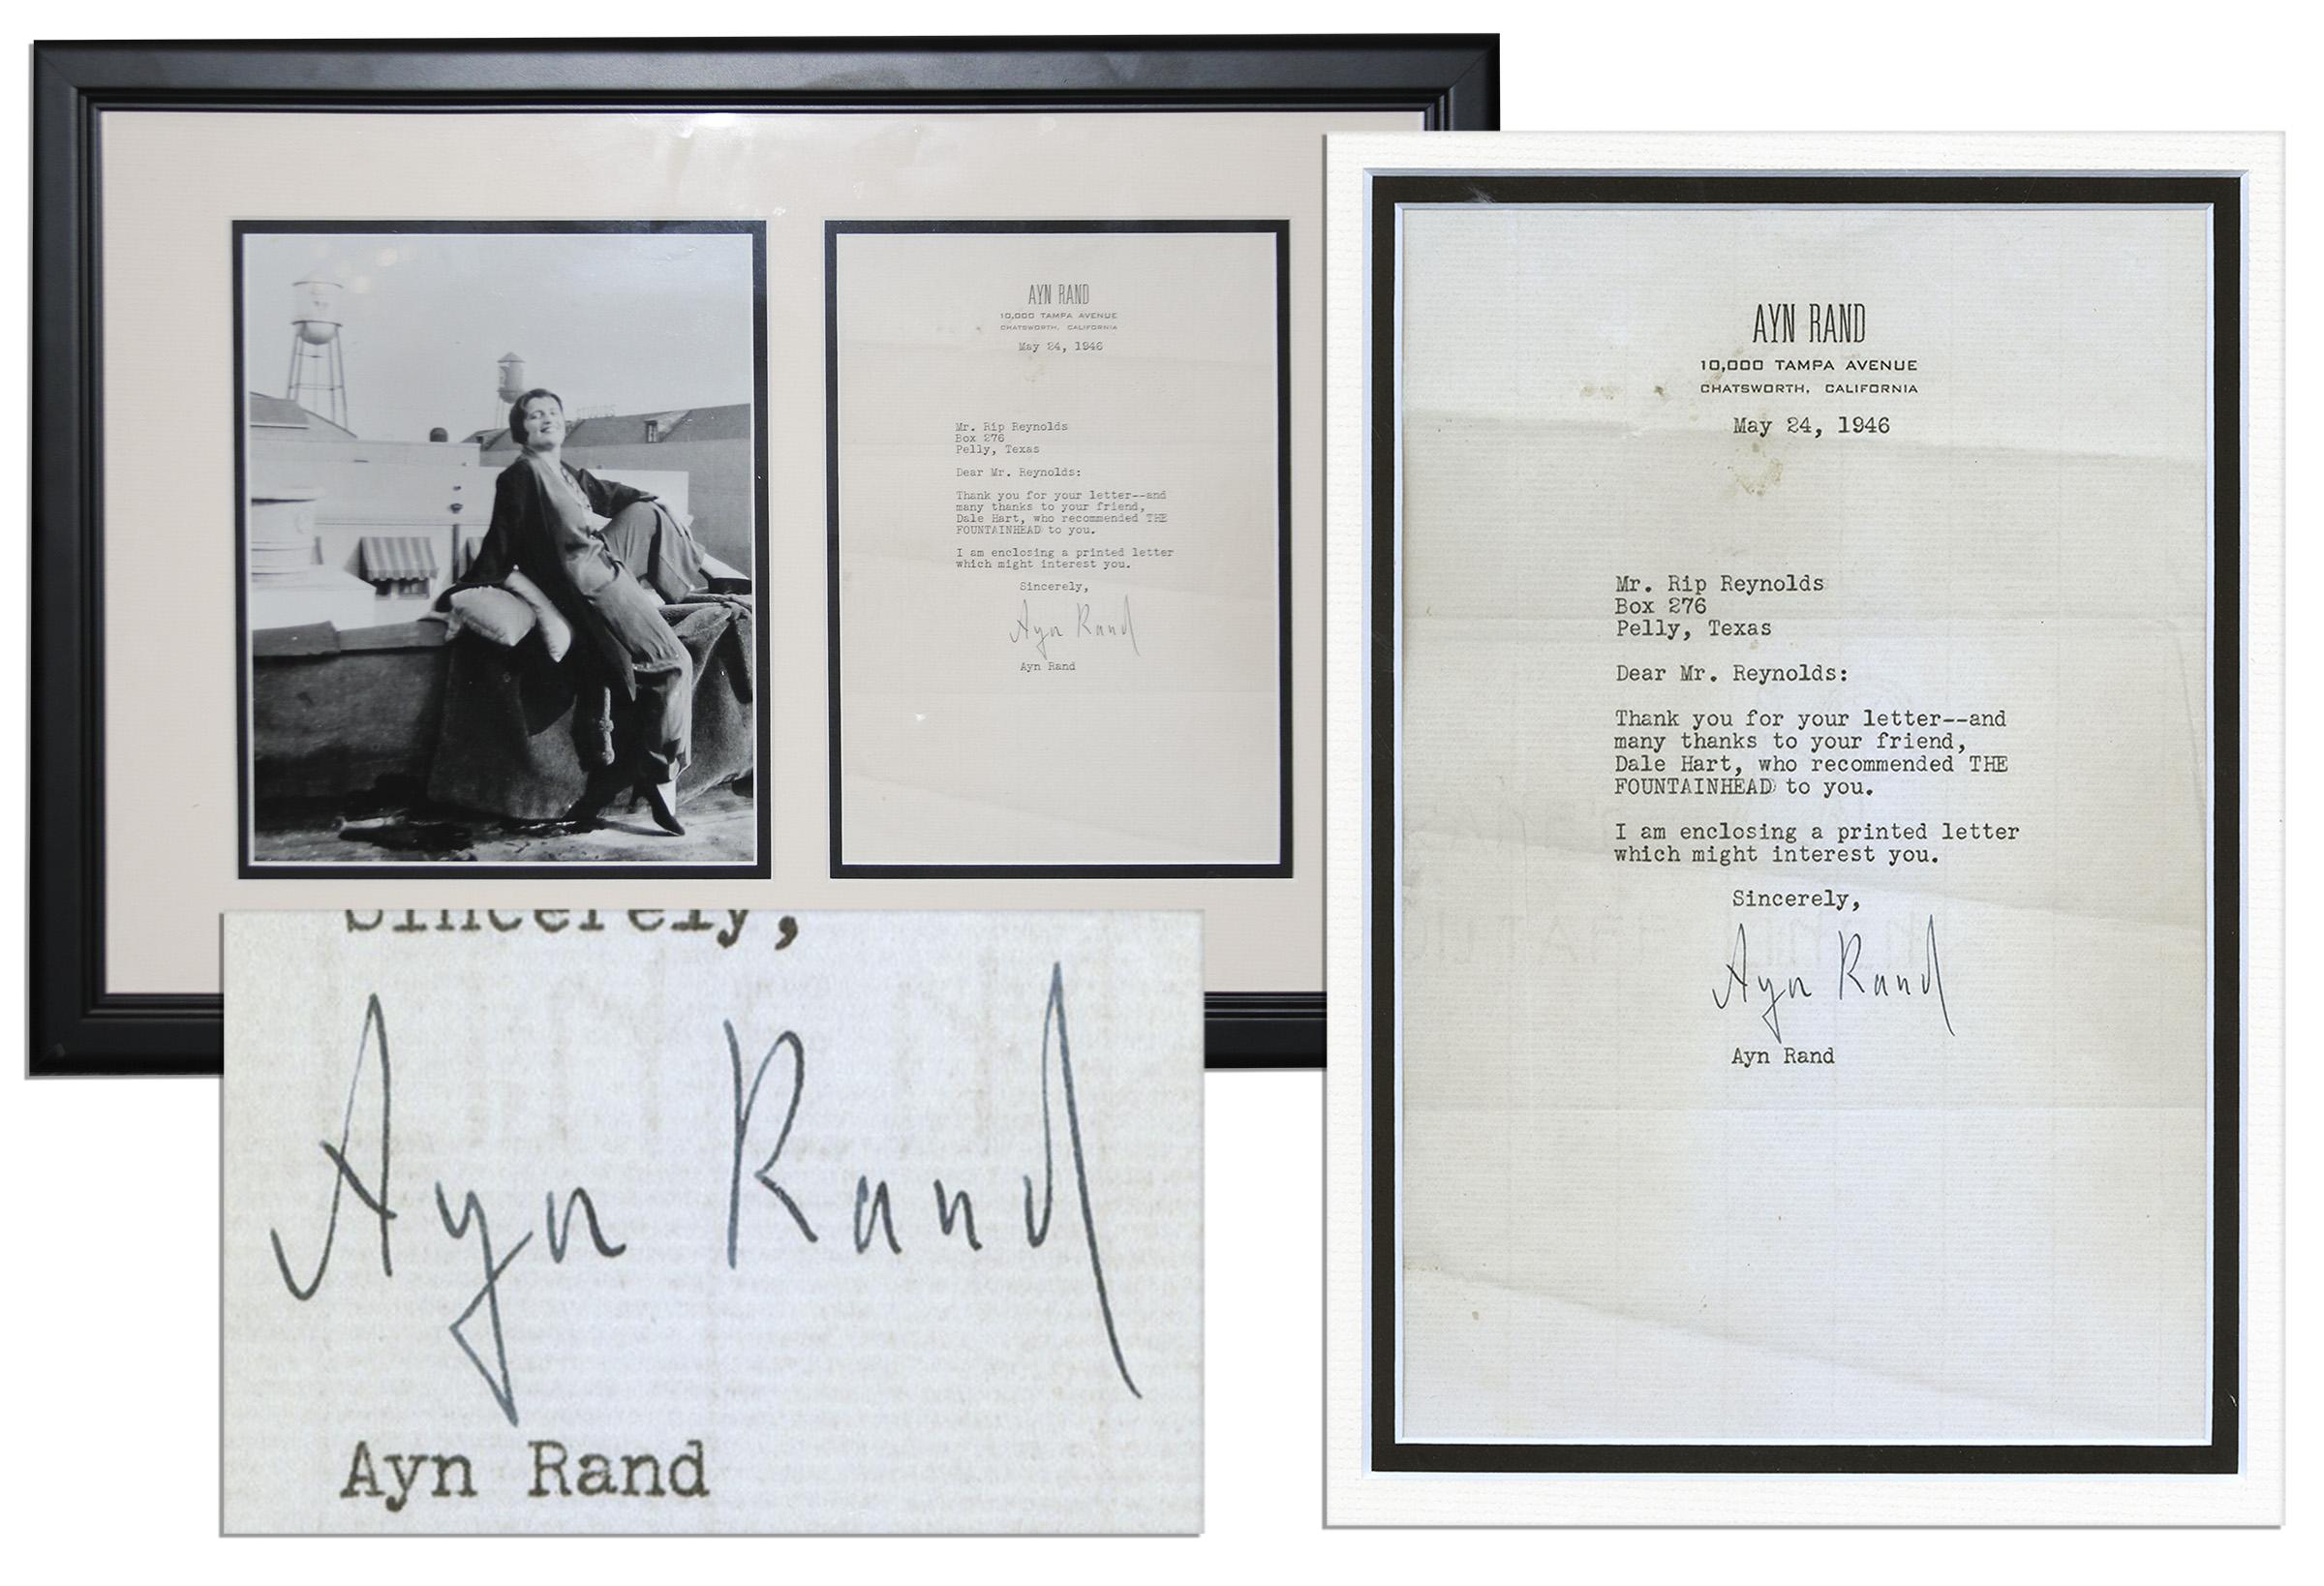 Ayn Rand first edition Ayn Rand TLS